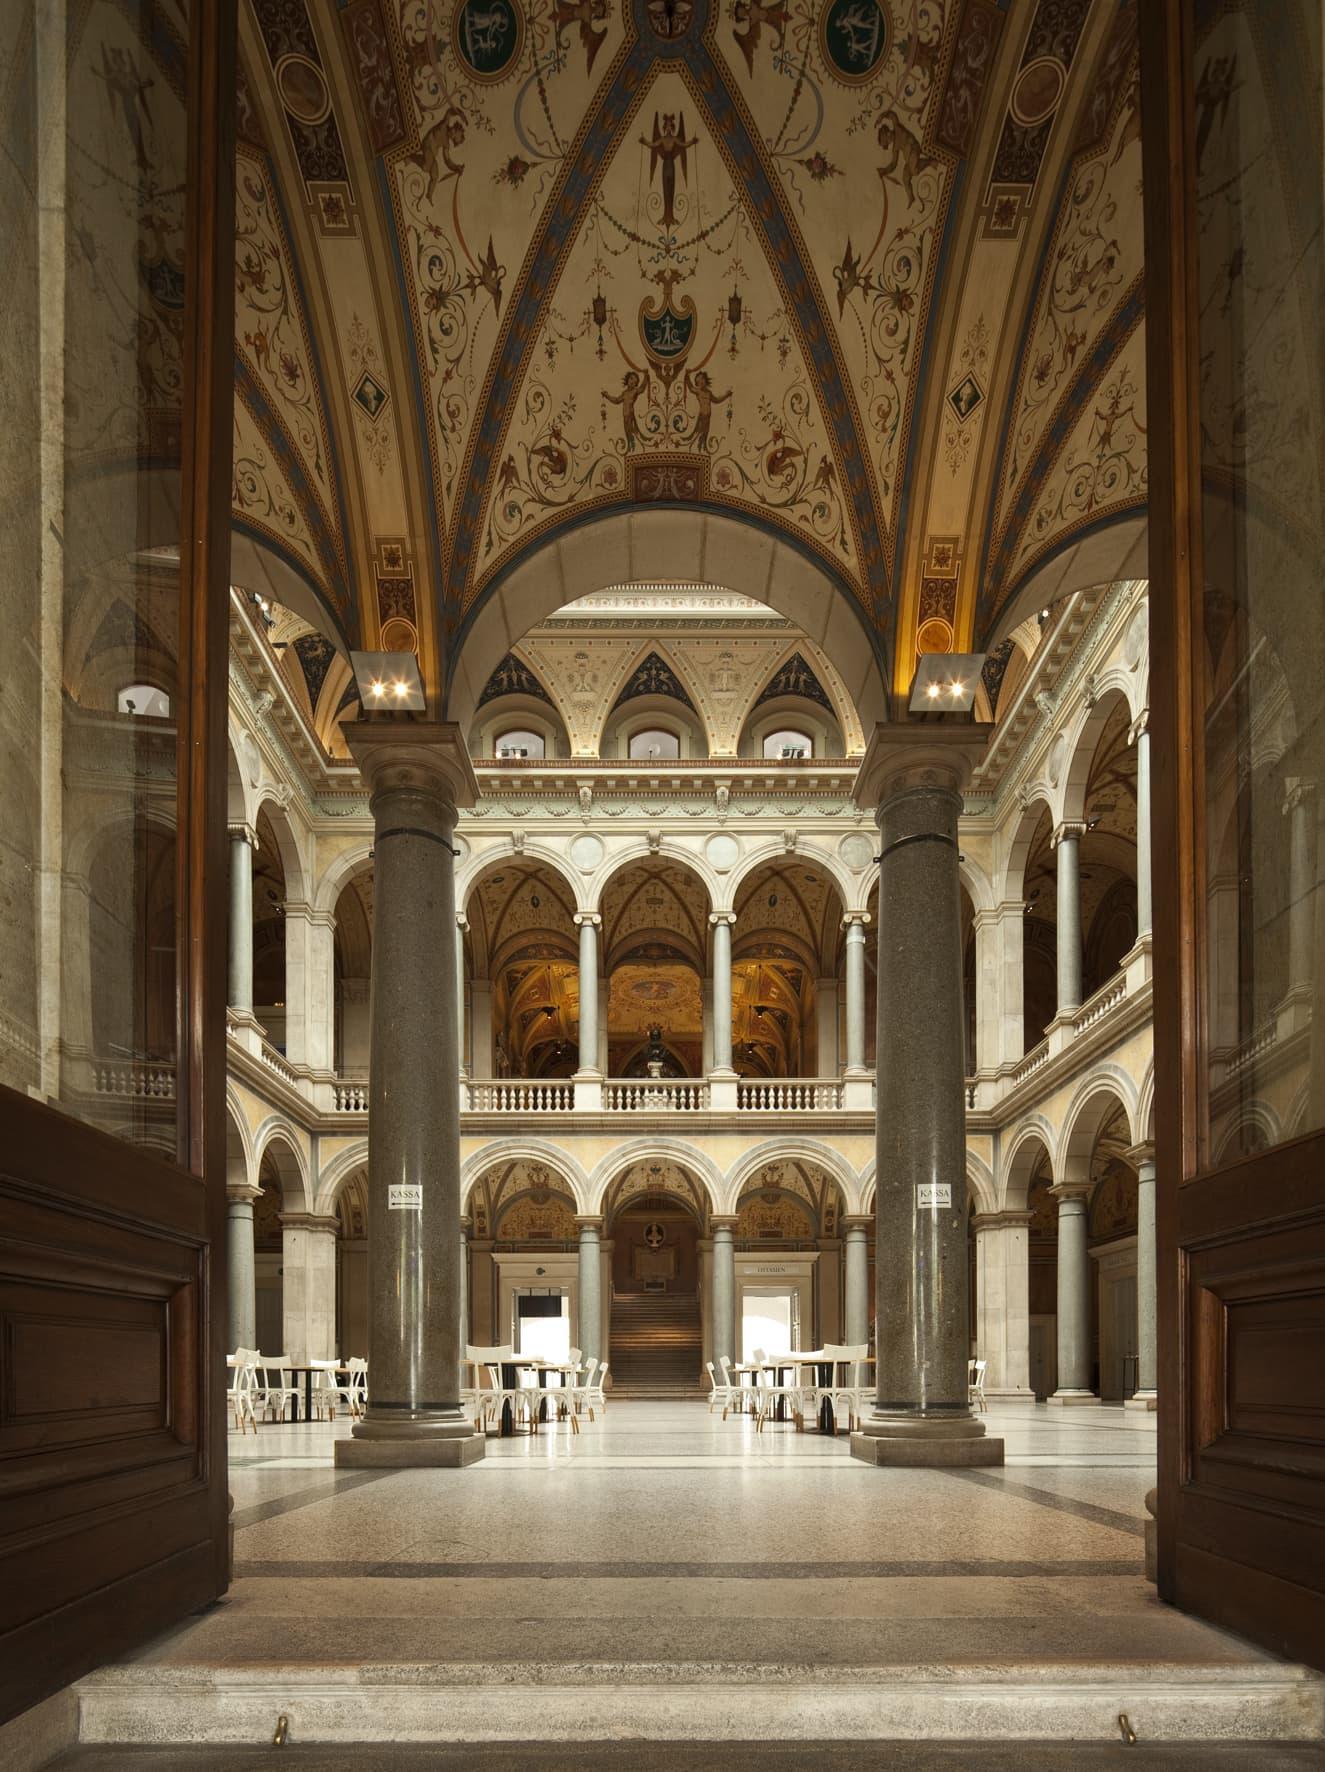 Das MAK in Wien ist eines der coolsten Design-Museen der Welt - nicht umsonst wegen seiner tollen Architektur.